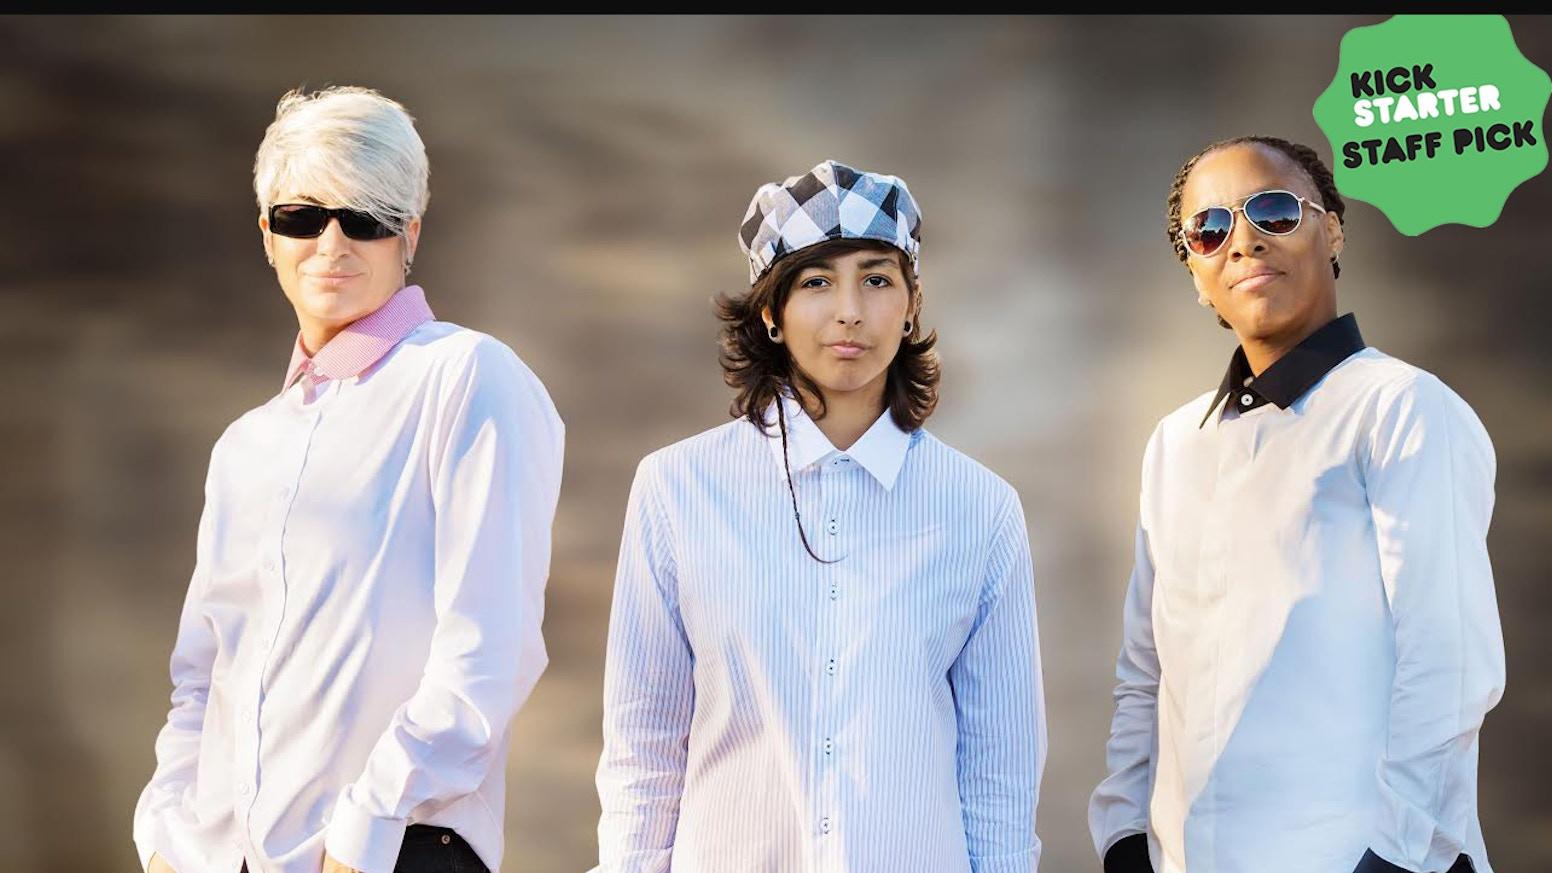 Hautebutch Handsome Fashion:Butch,Androgynous Women,Transmen by